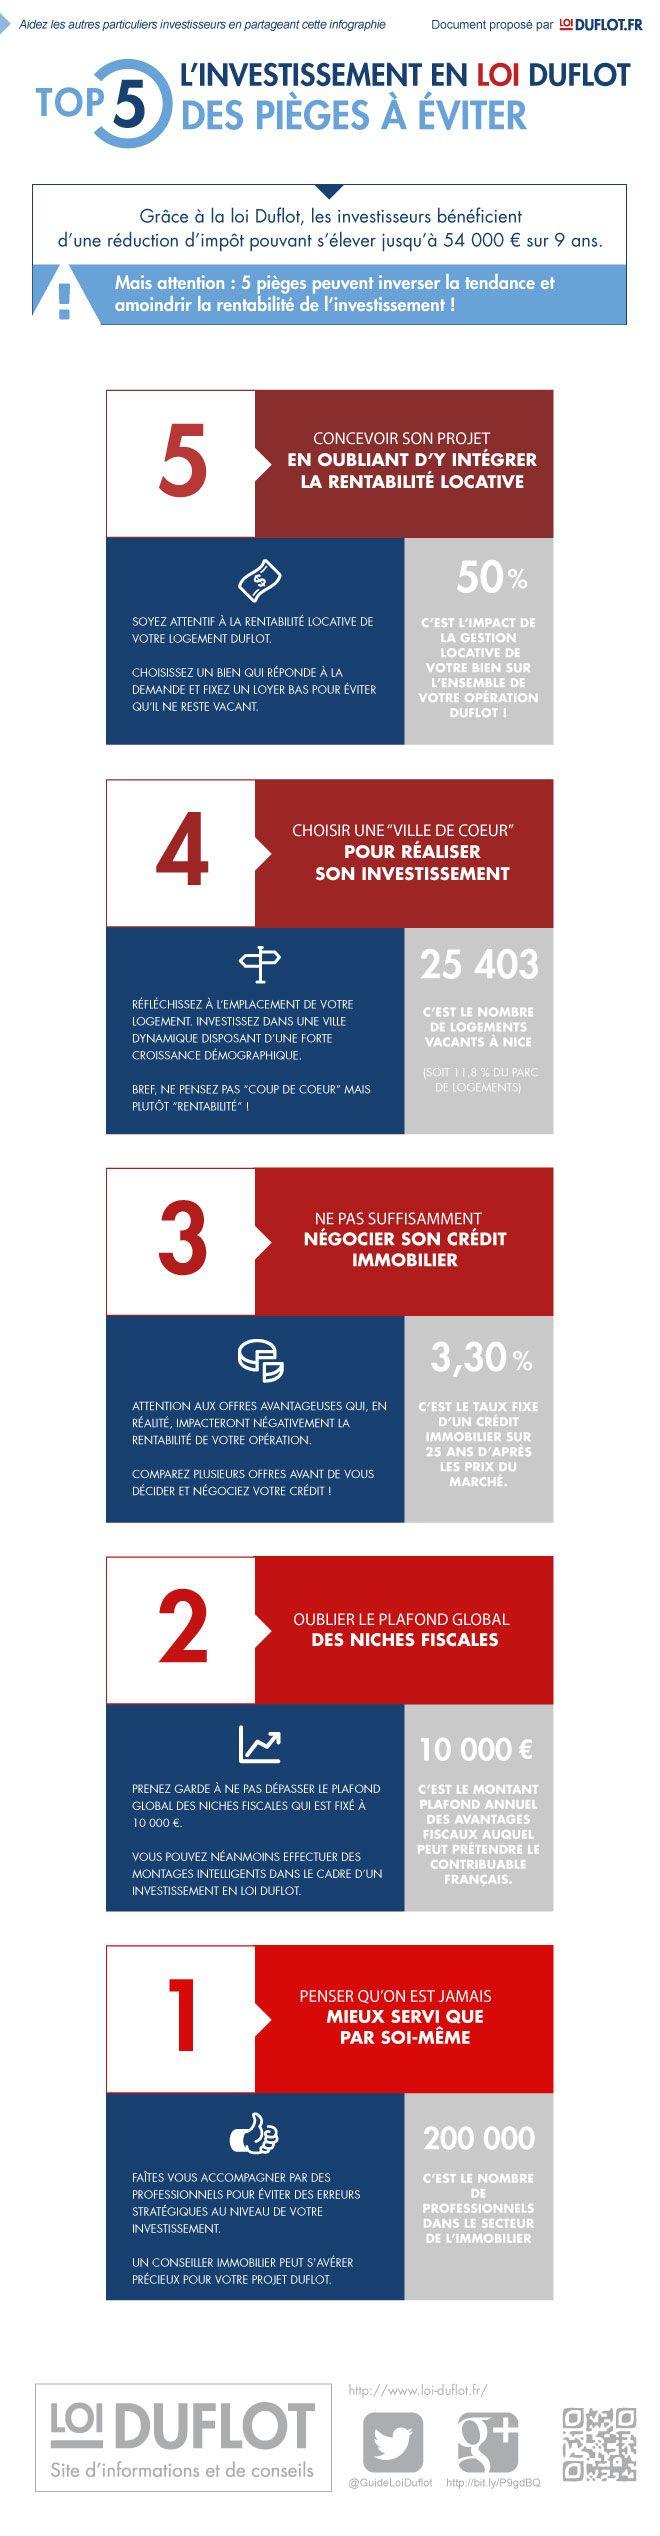 La loi #Duflot, les 5 pièges à éviter